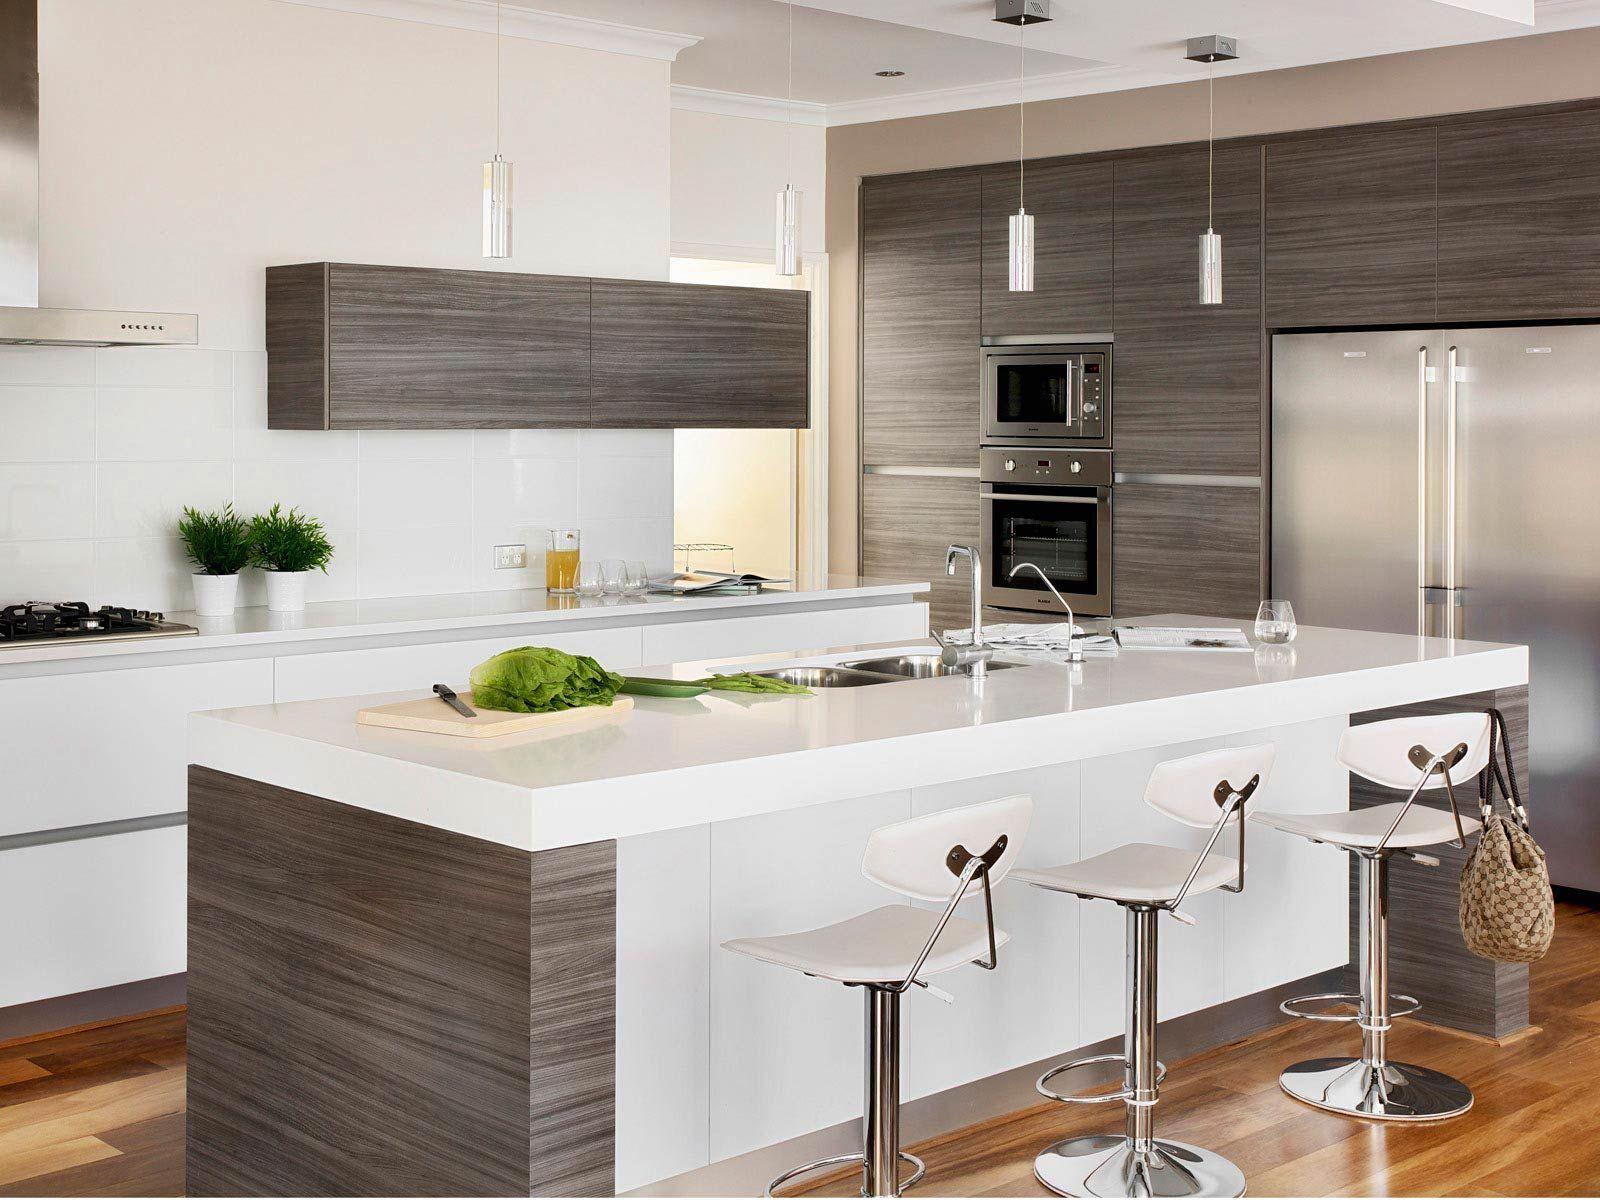 AuBergewohnlich Moderne Wohnzimmer, Wohnbereich, Mein Haus, Einrichtung, Einrichten Und  Wohnen, Dekoration, Moderne Küchen, Beste Küchenentwürfe, Luxusküchen